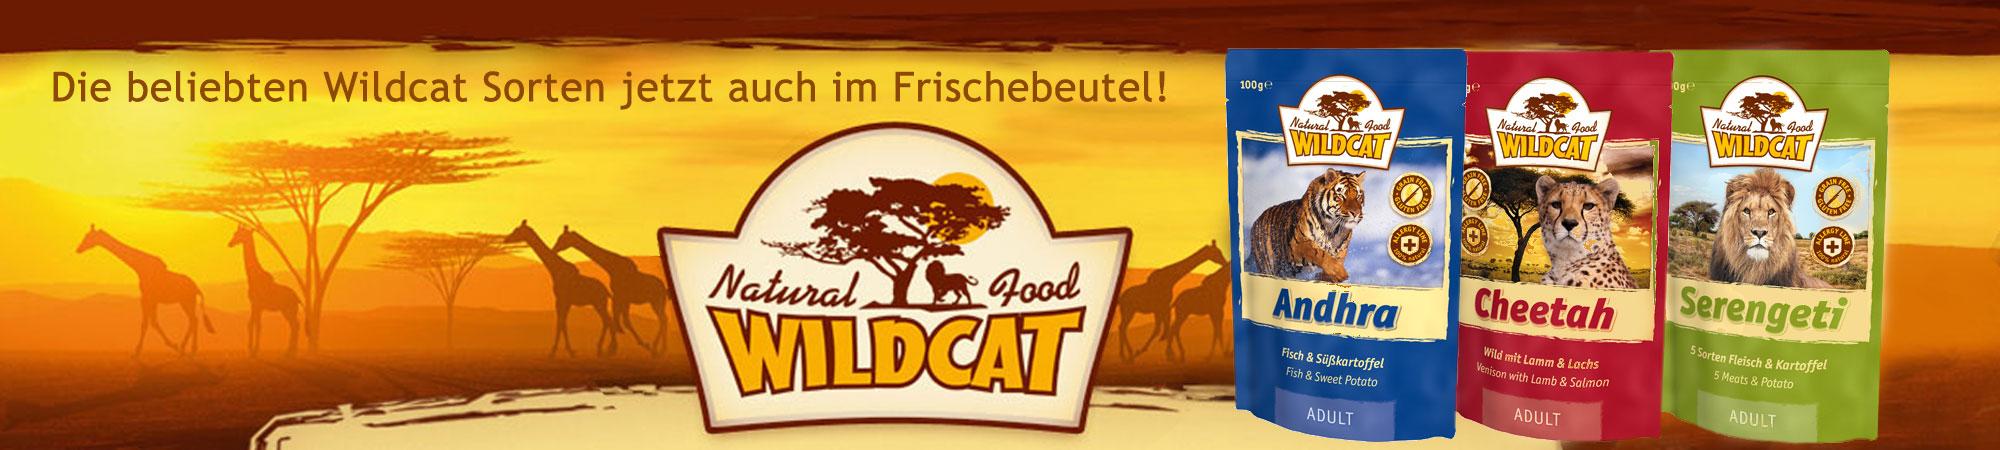 Wildcat Pouches